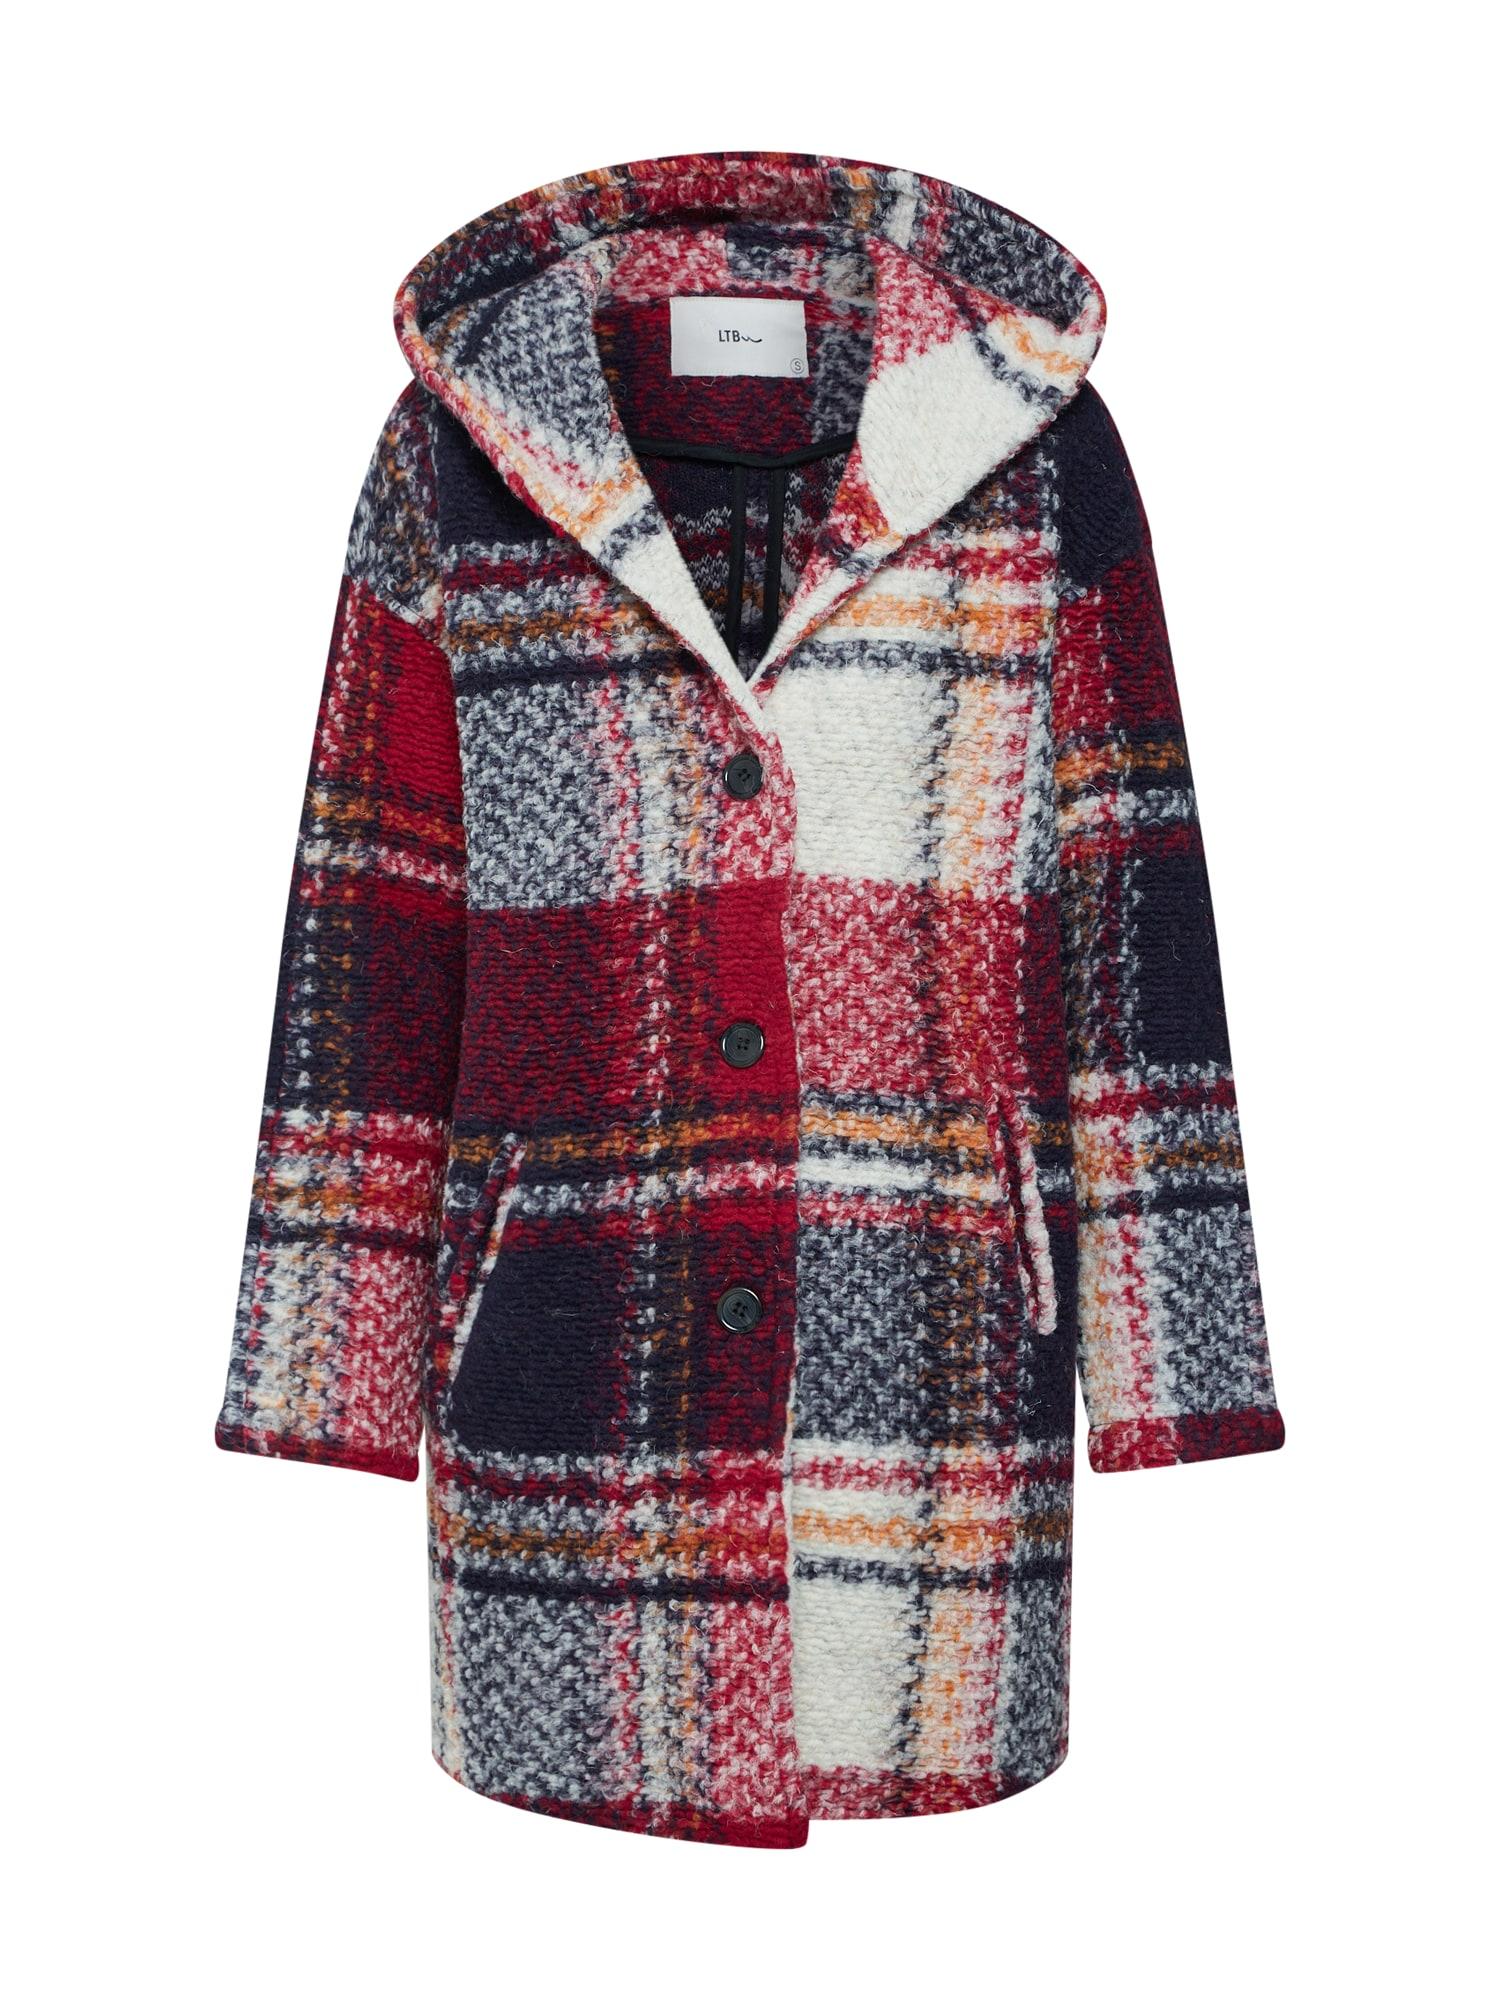 Přechodný kabát WAYIDA COAT červená černá bílá LTB